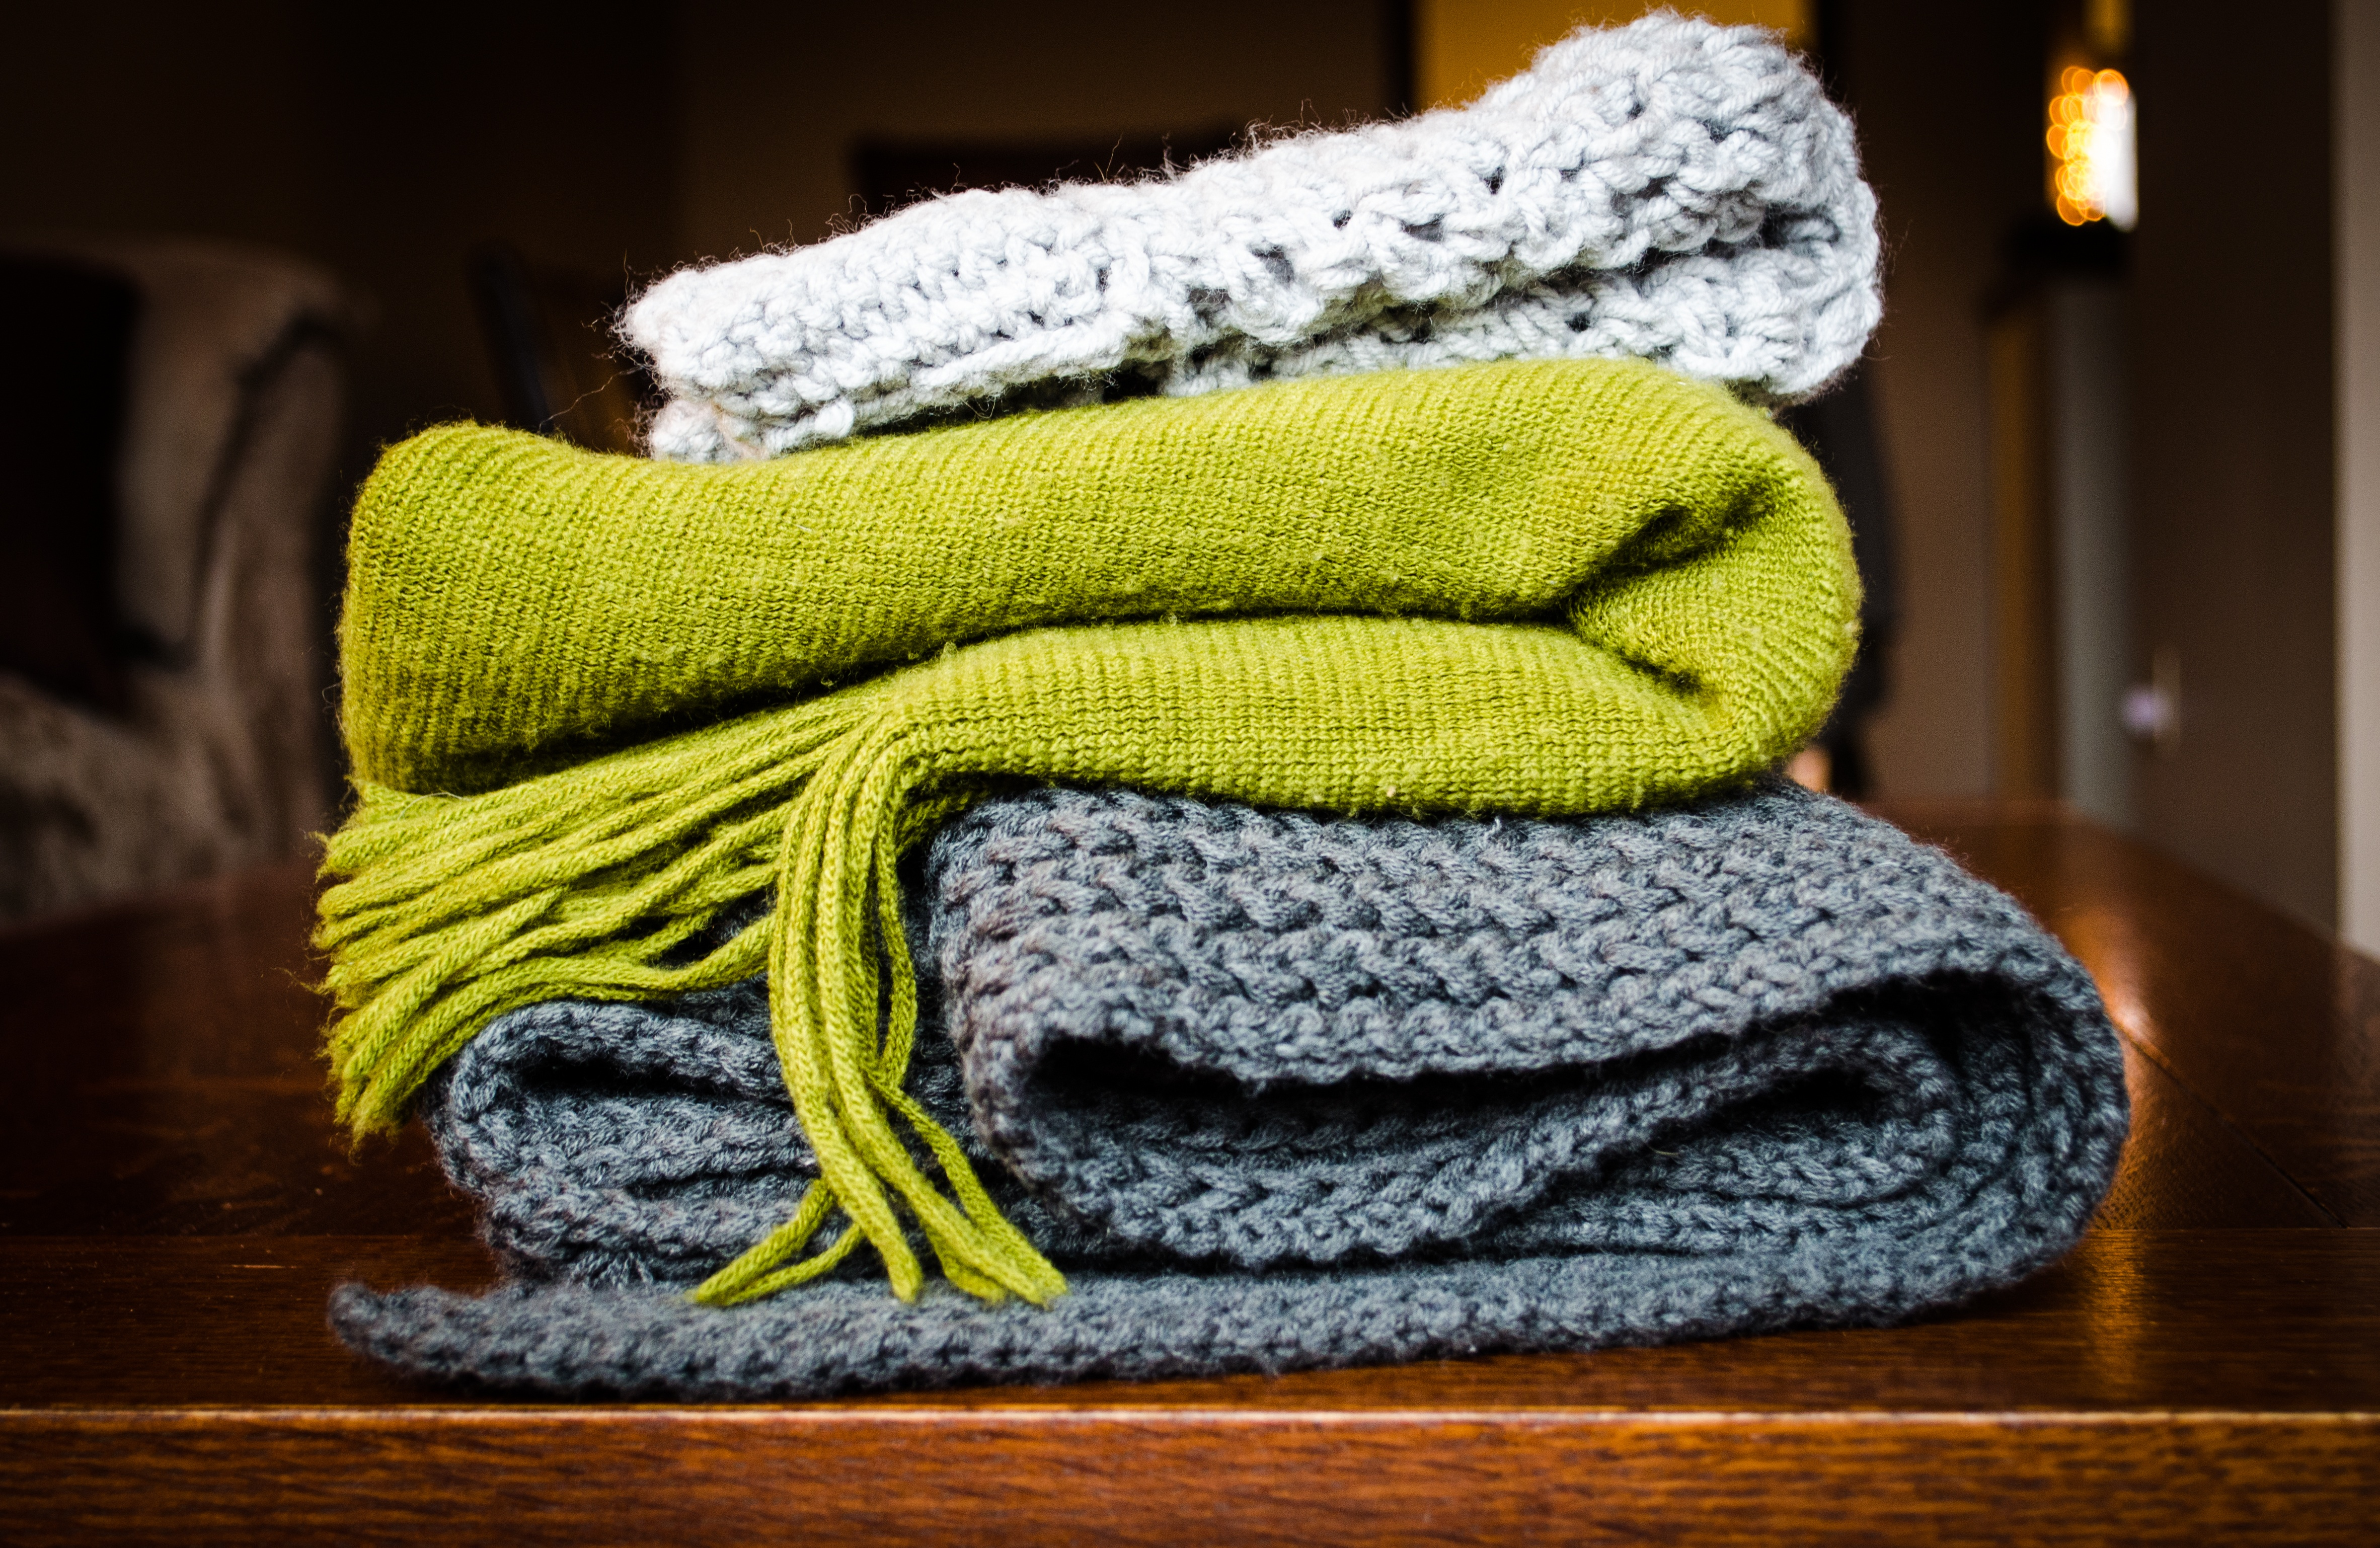 mantas para el frio y como decoración